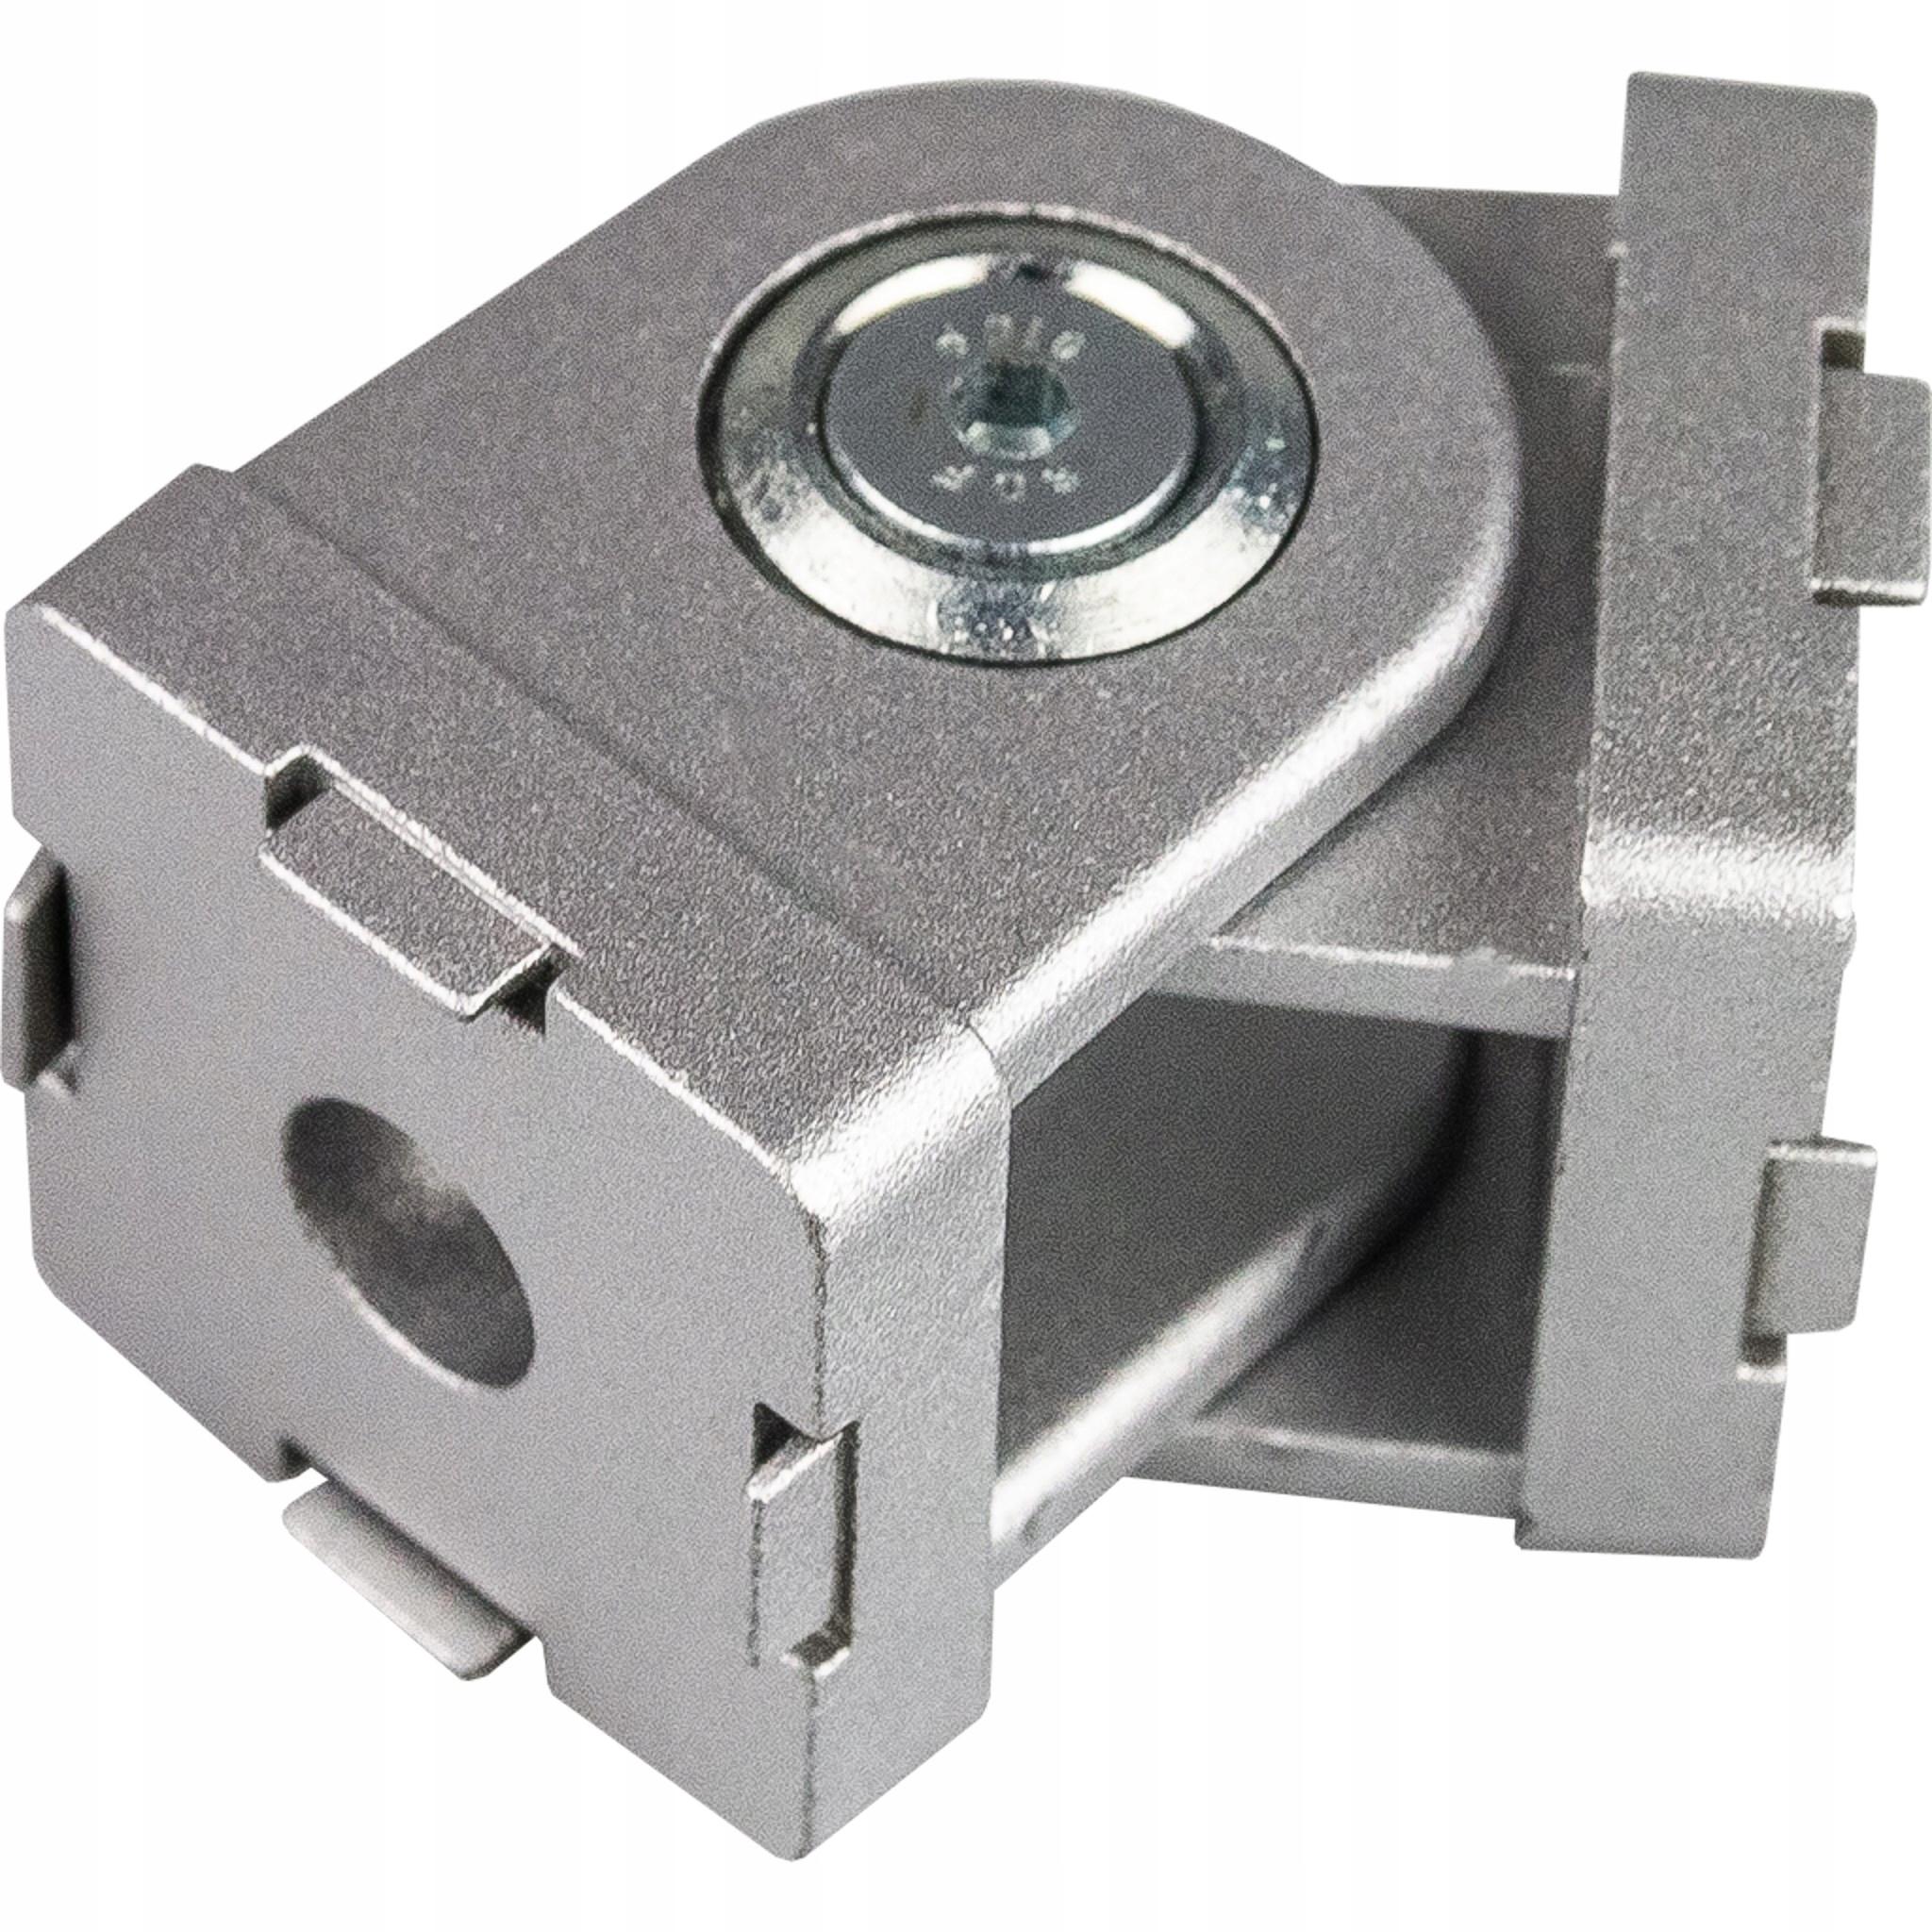 Łącznik przegub do Profil konstr. Alu 3030mm 1kpl